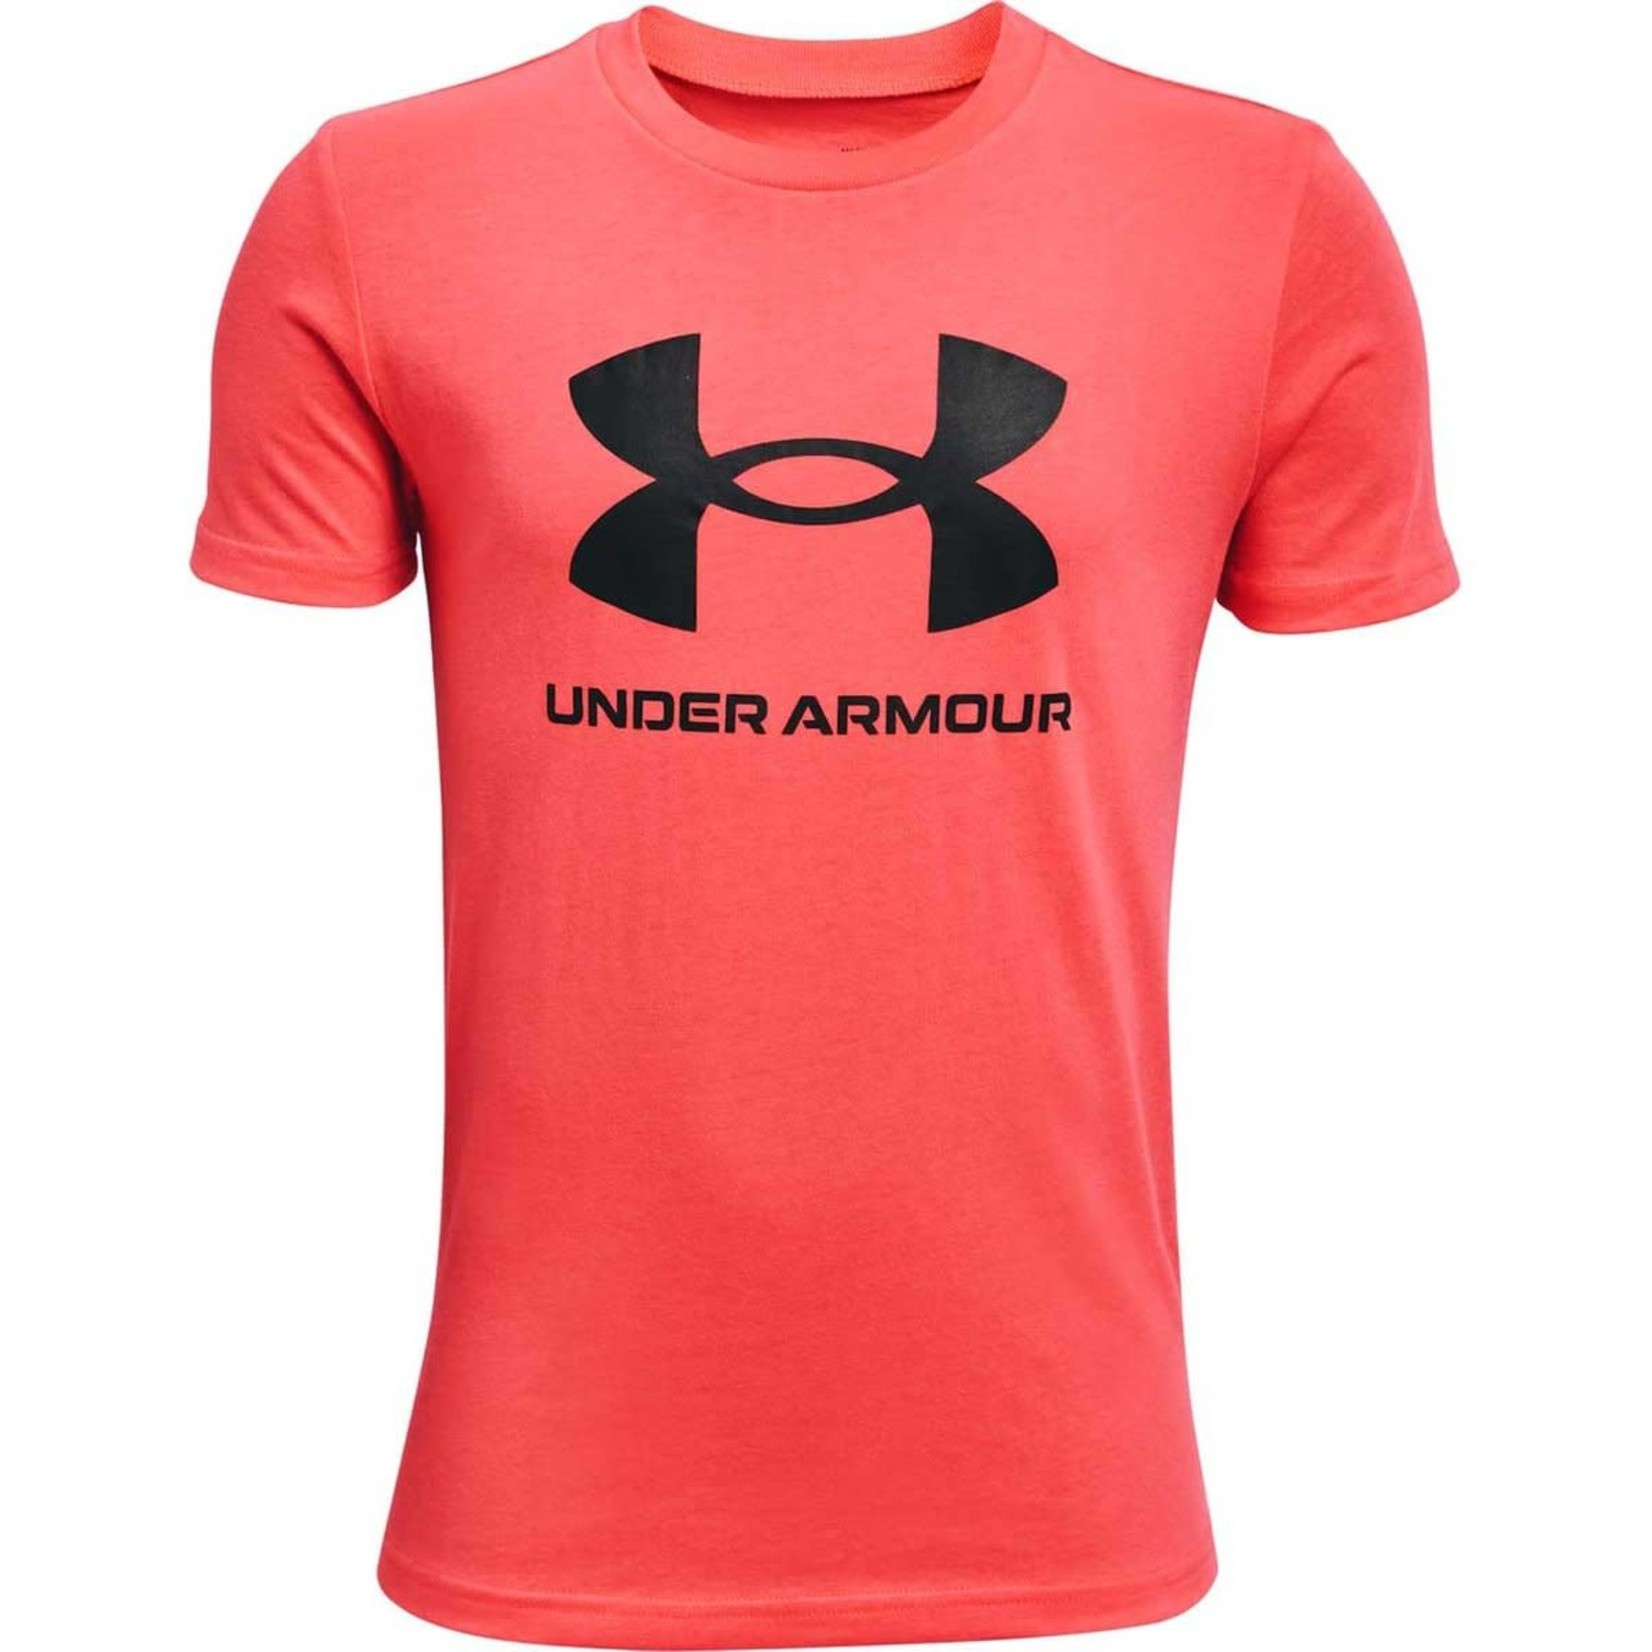 Under Armour Under Armour T-Shirt, Sportstyle Logo, Boys